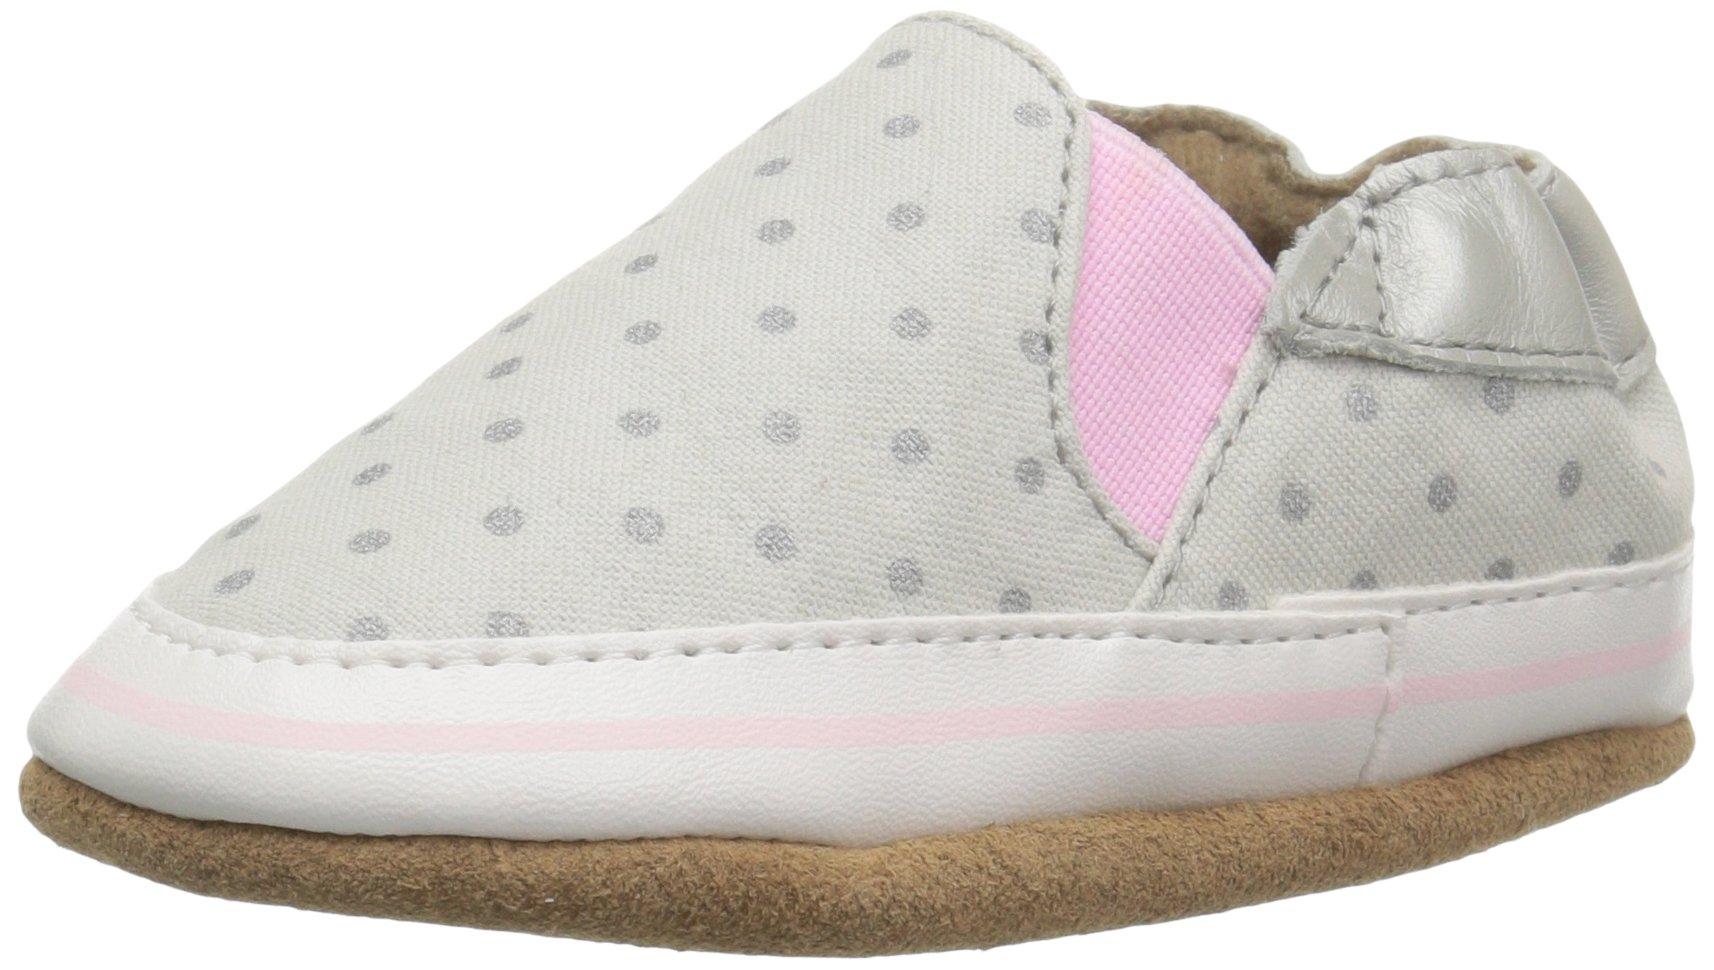 Robeez Girls' Dot Mania Crib Shoe, Dot Mania Metallic/Grey, 12-18 Months M US Infant